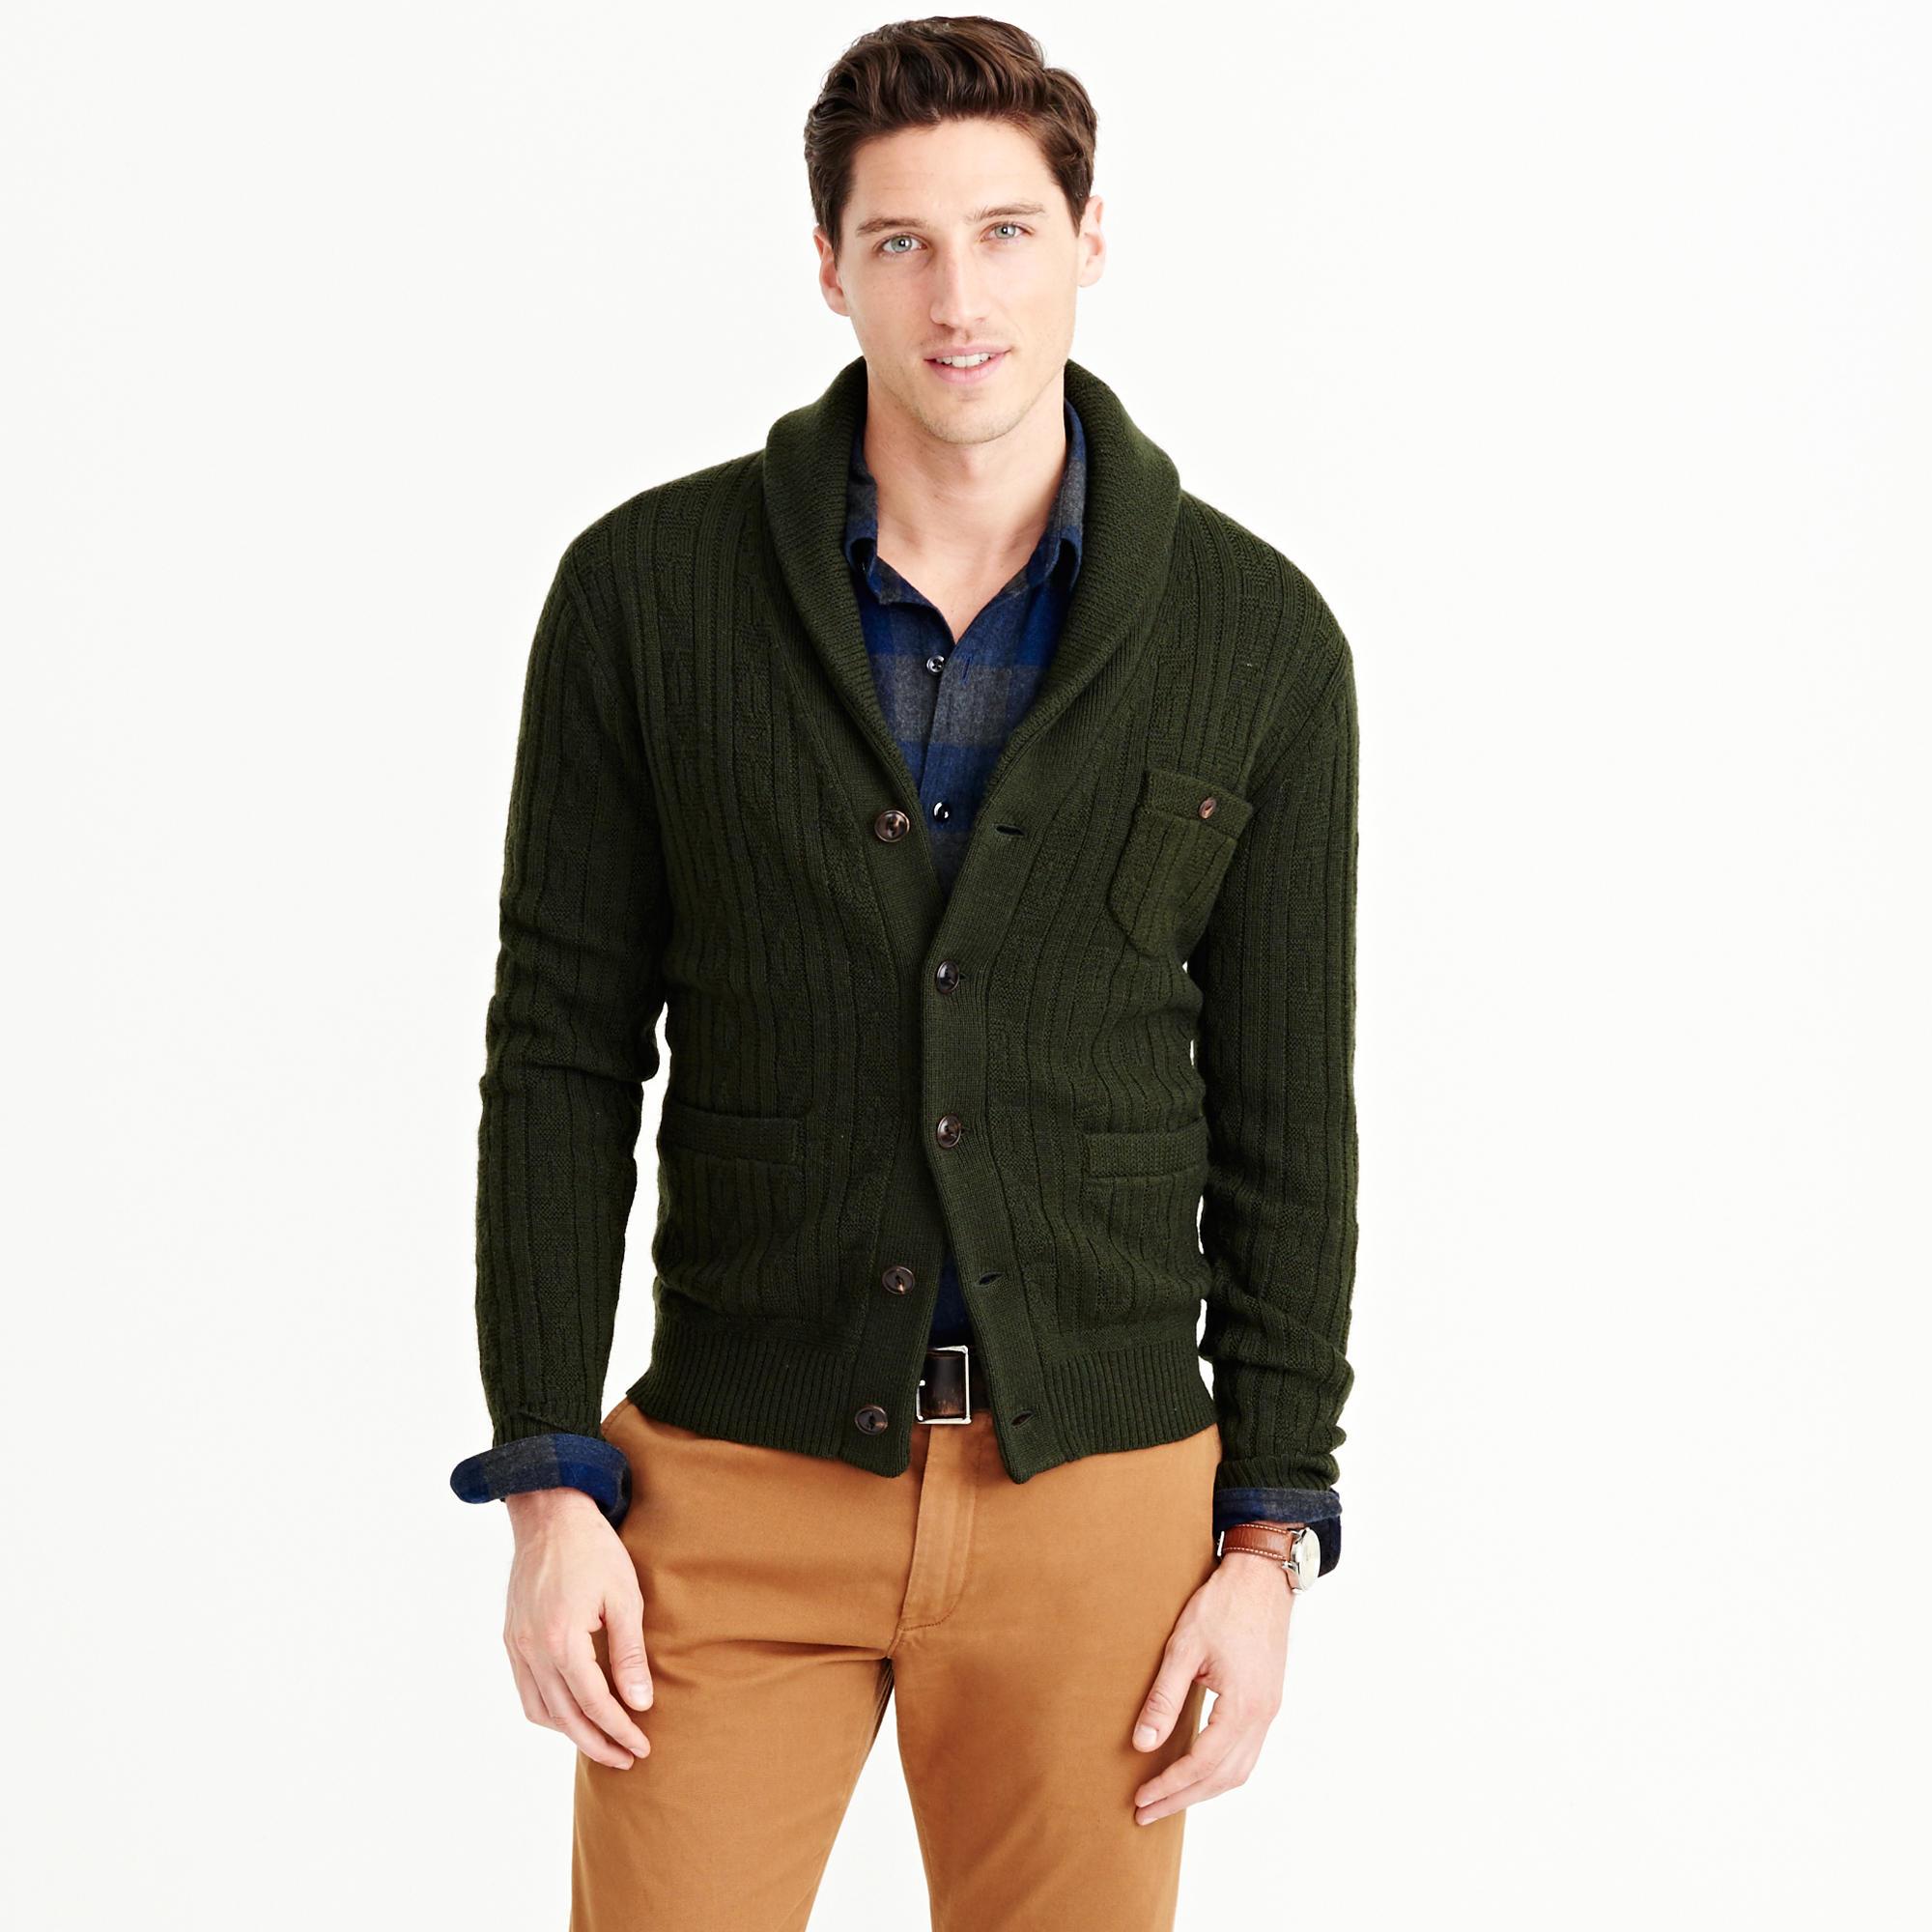 J.crew Wallace & Barnes Wool Shawl Cardigan Sweater In